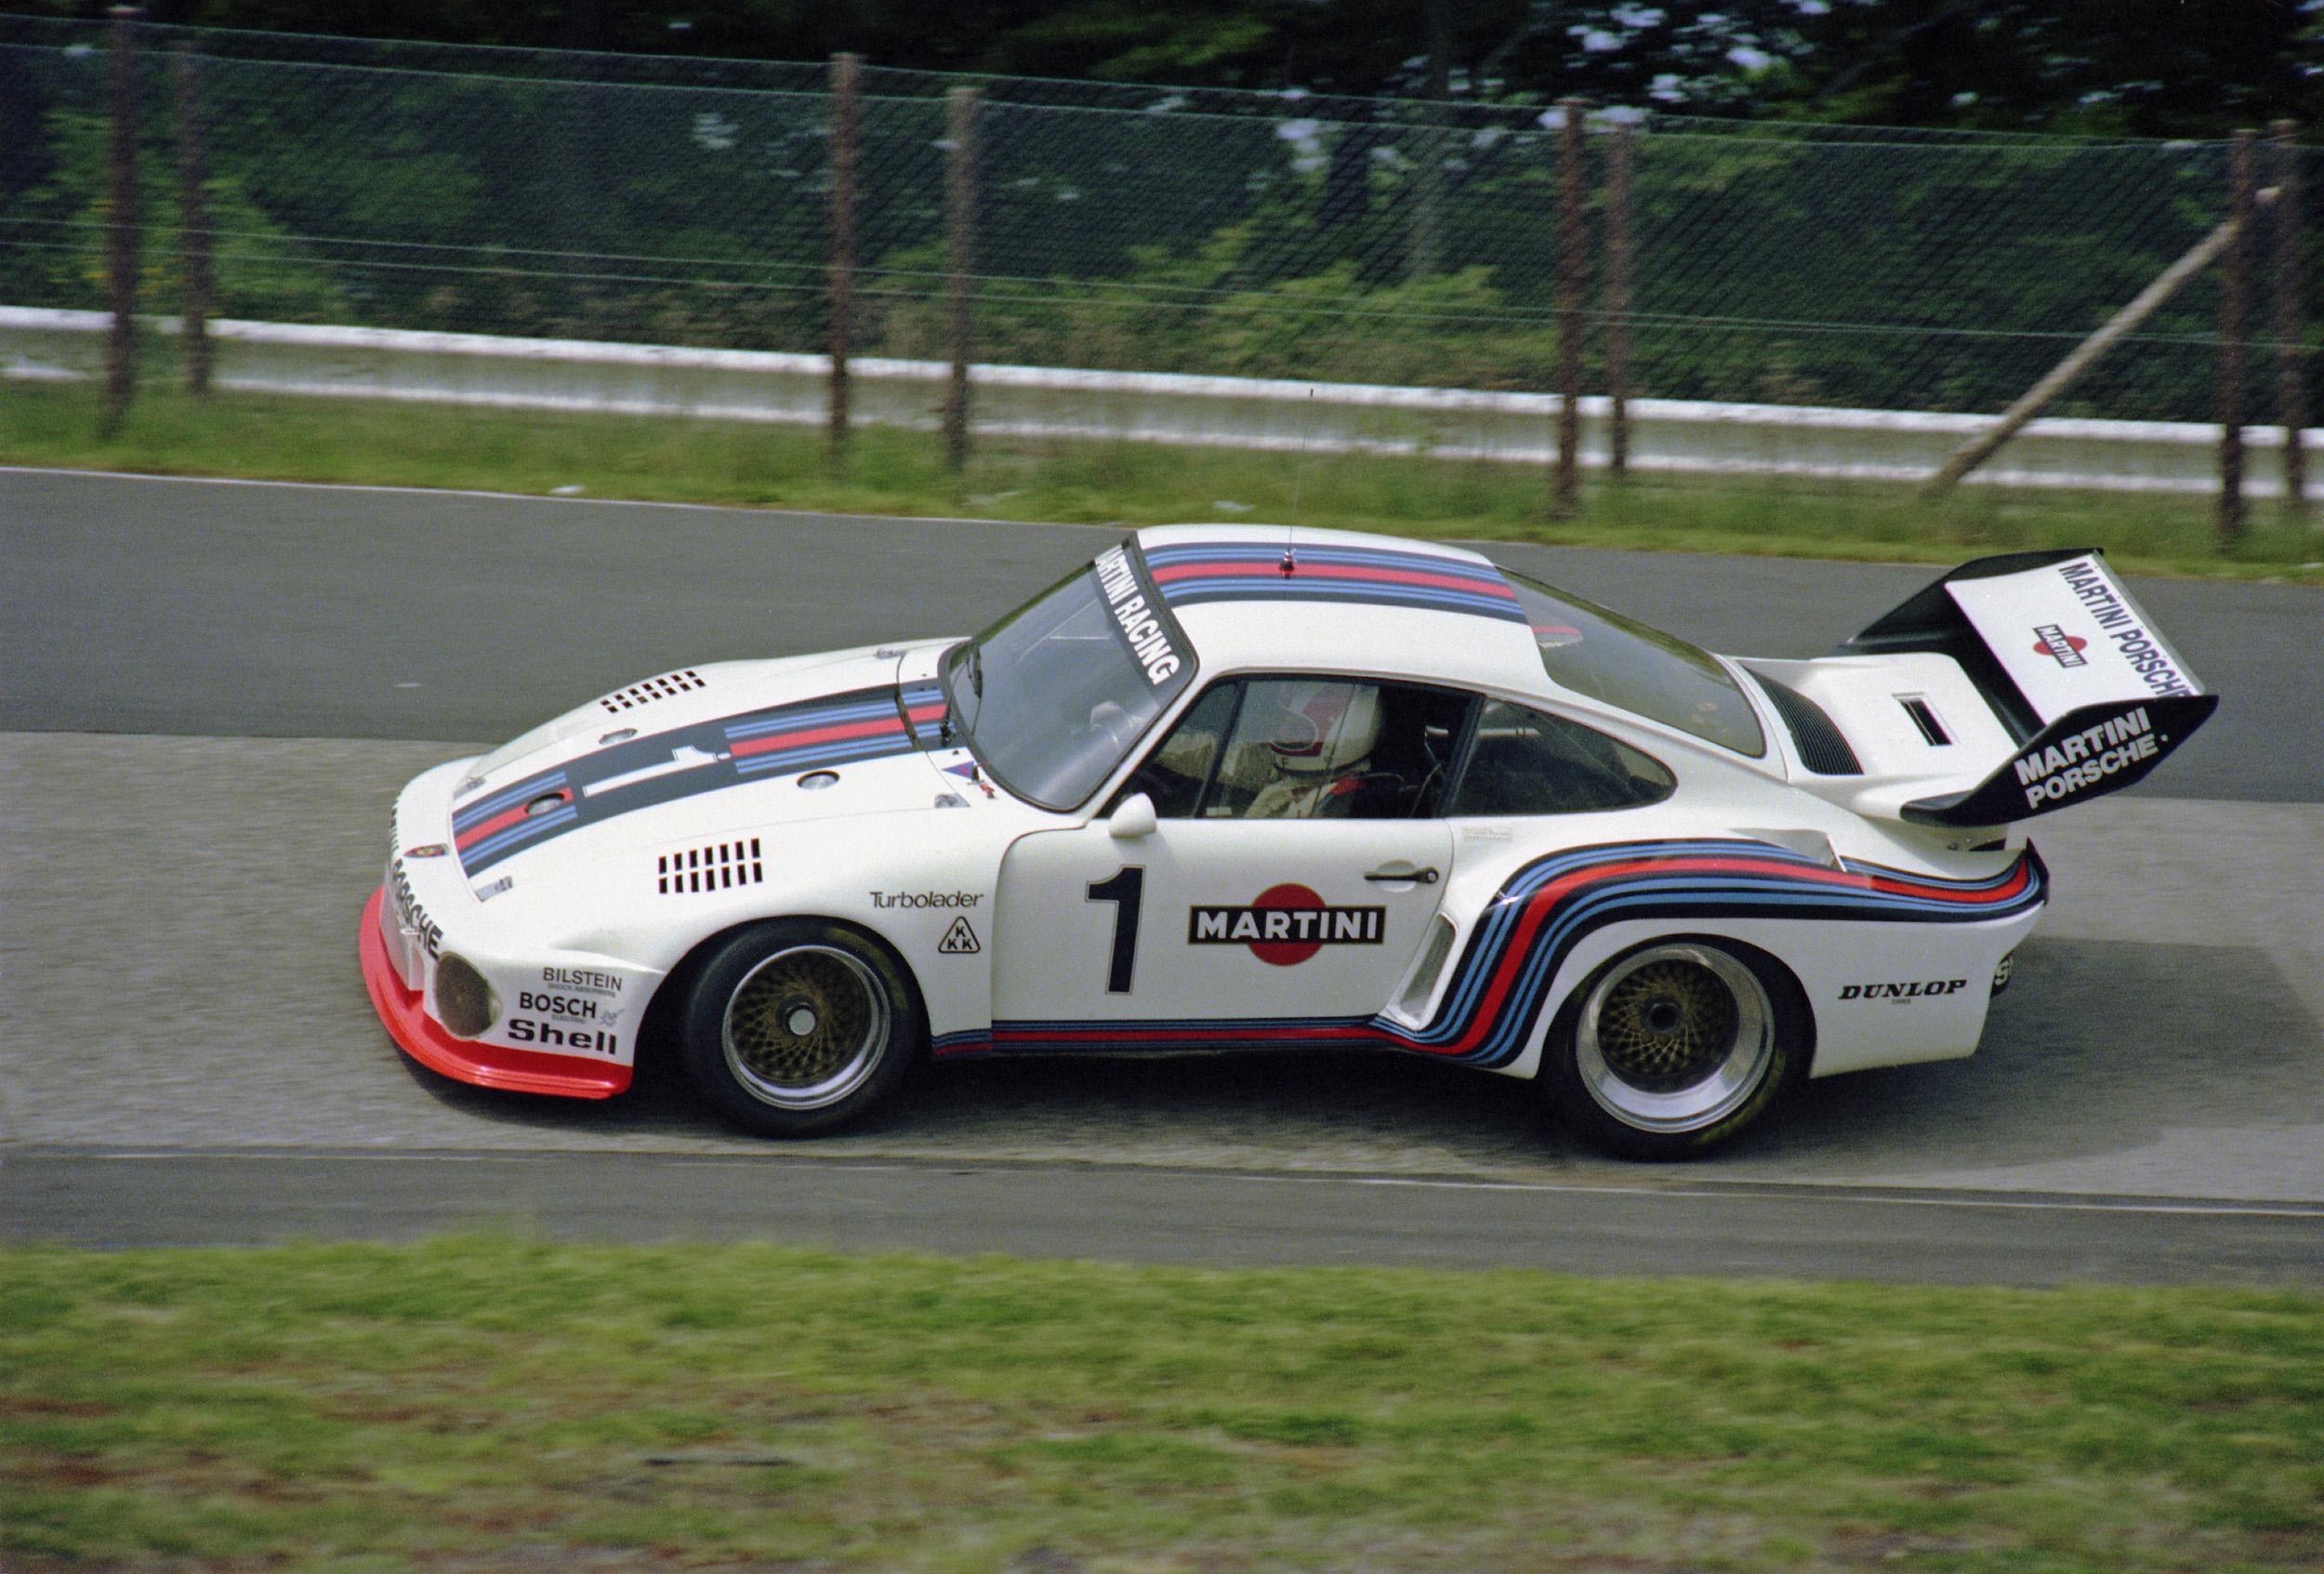 935 kom i 1976 som Gruppe 5-versjonen av 911 Turbo, og vant 123 av 370 løp den stilte opp i de neste årene, inkludert seire på Le Mans, Daytona, Sebring og 1000 km Nürburgring (hvor den vant tre år på rad fra 1977-1979).